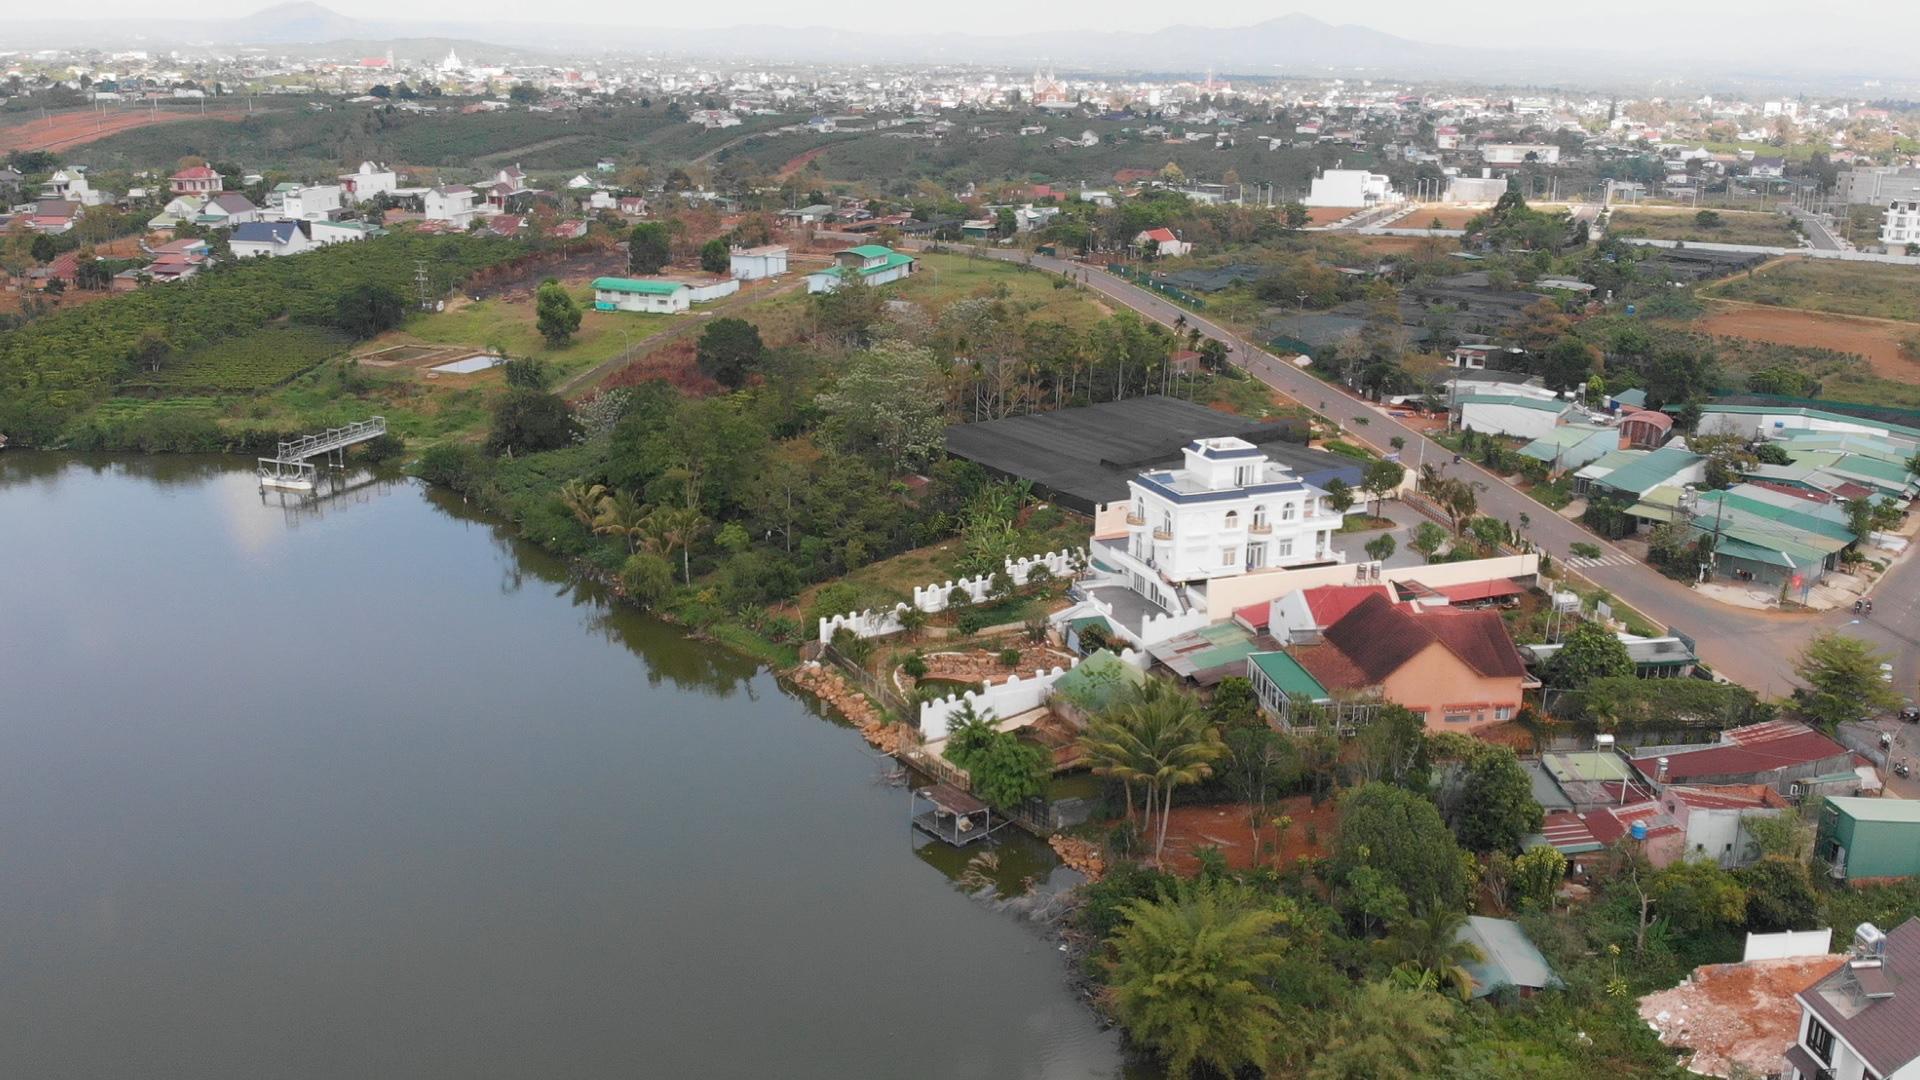 Lâm Đồng: Tạm đình chỉ công tác nhiều cán bộ do buông lỏng quản lý đất đai, xây dựng - Ảnh 2.